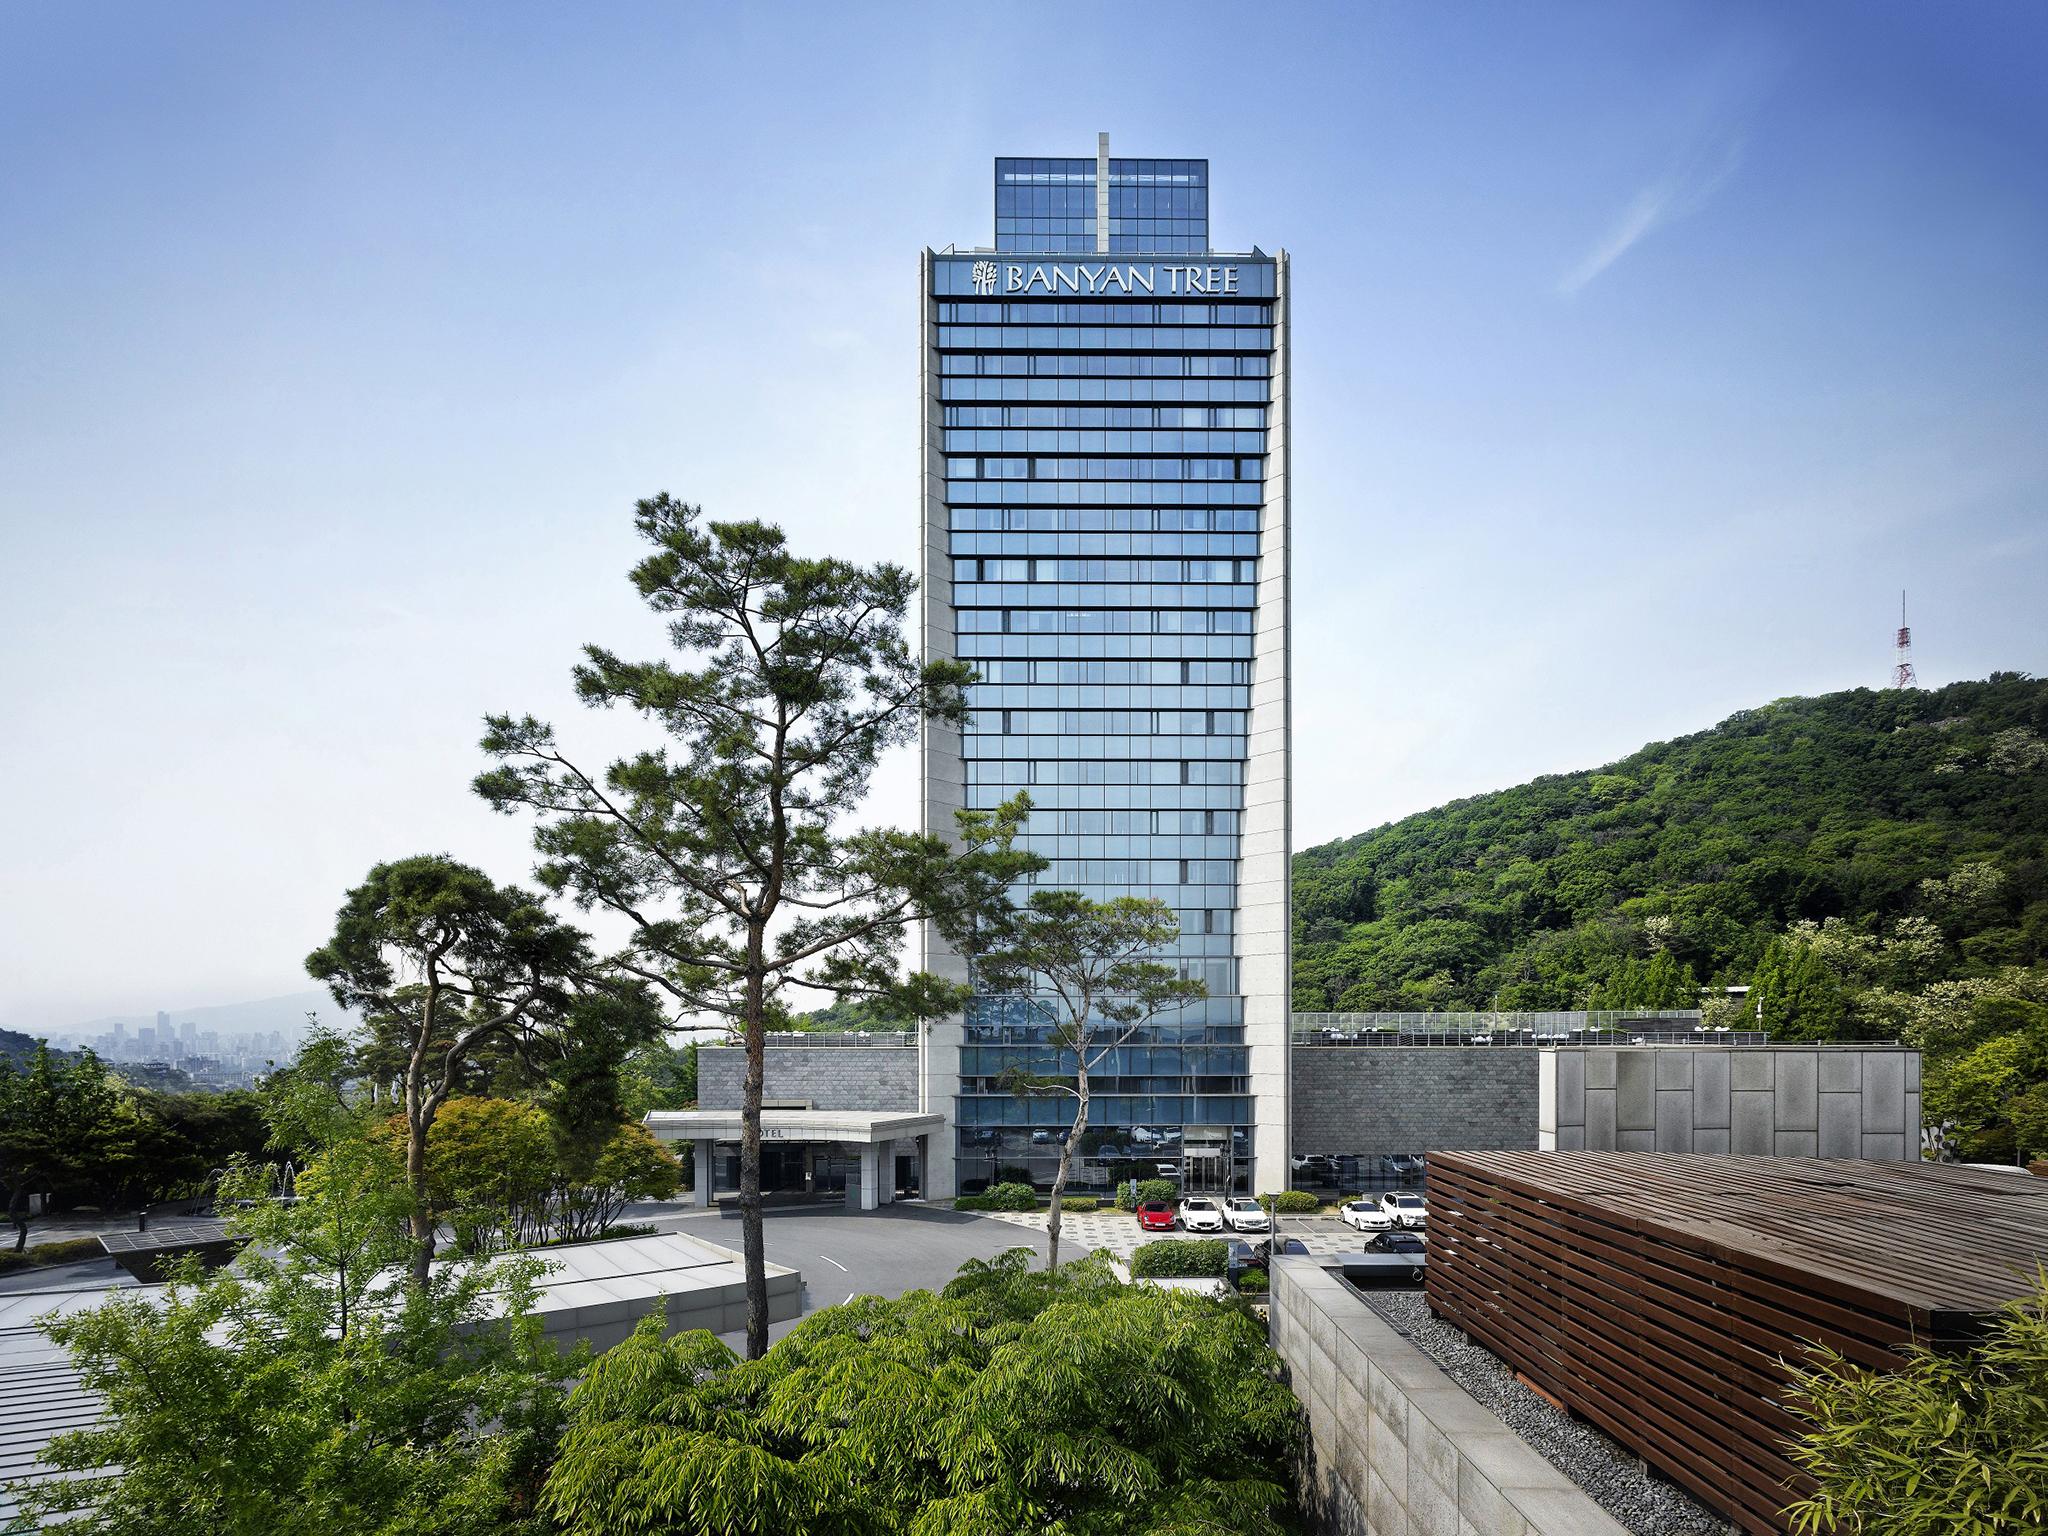 Hotel - Banyan Tree Club & Spa Seoul